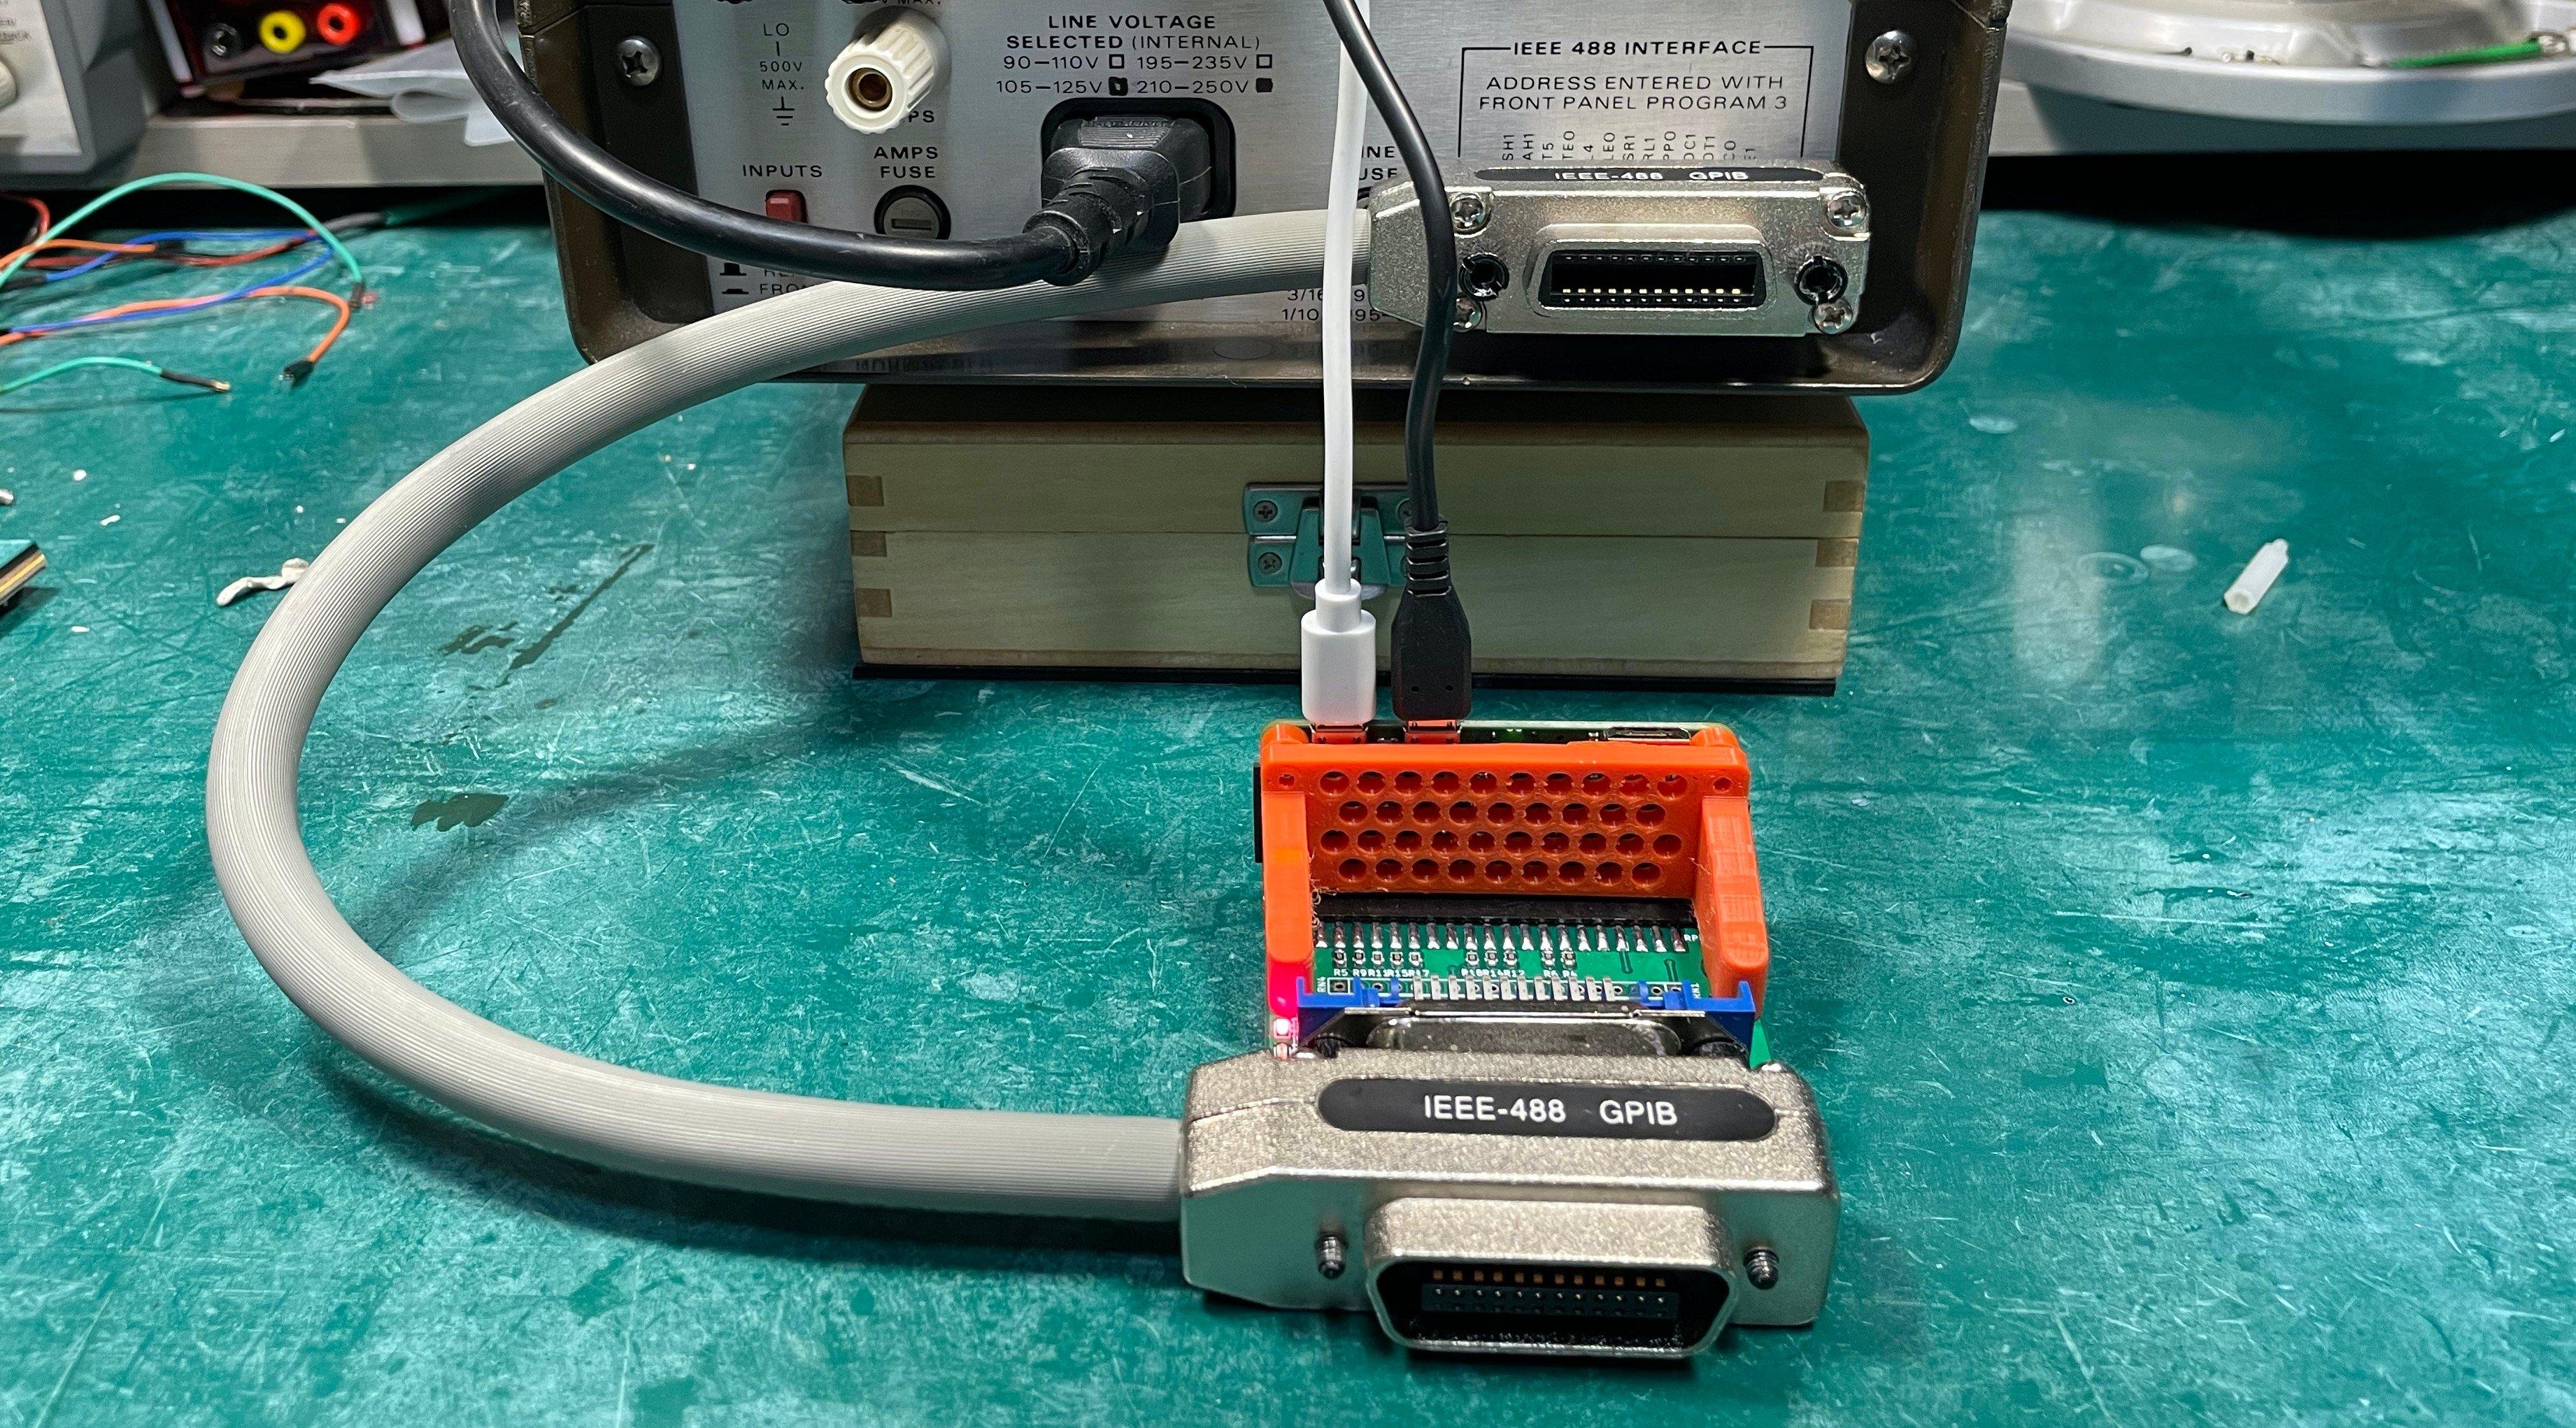 gpib-pi-zero-adaptor